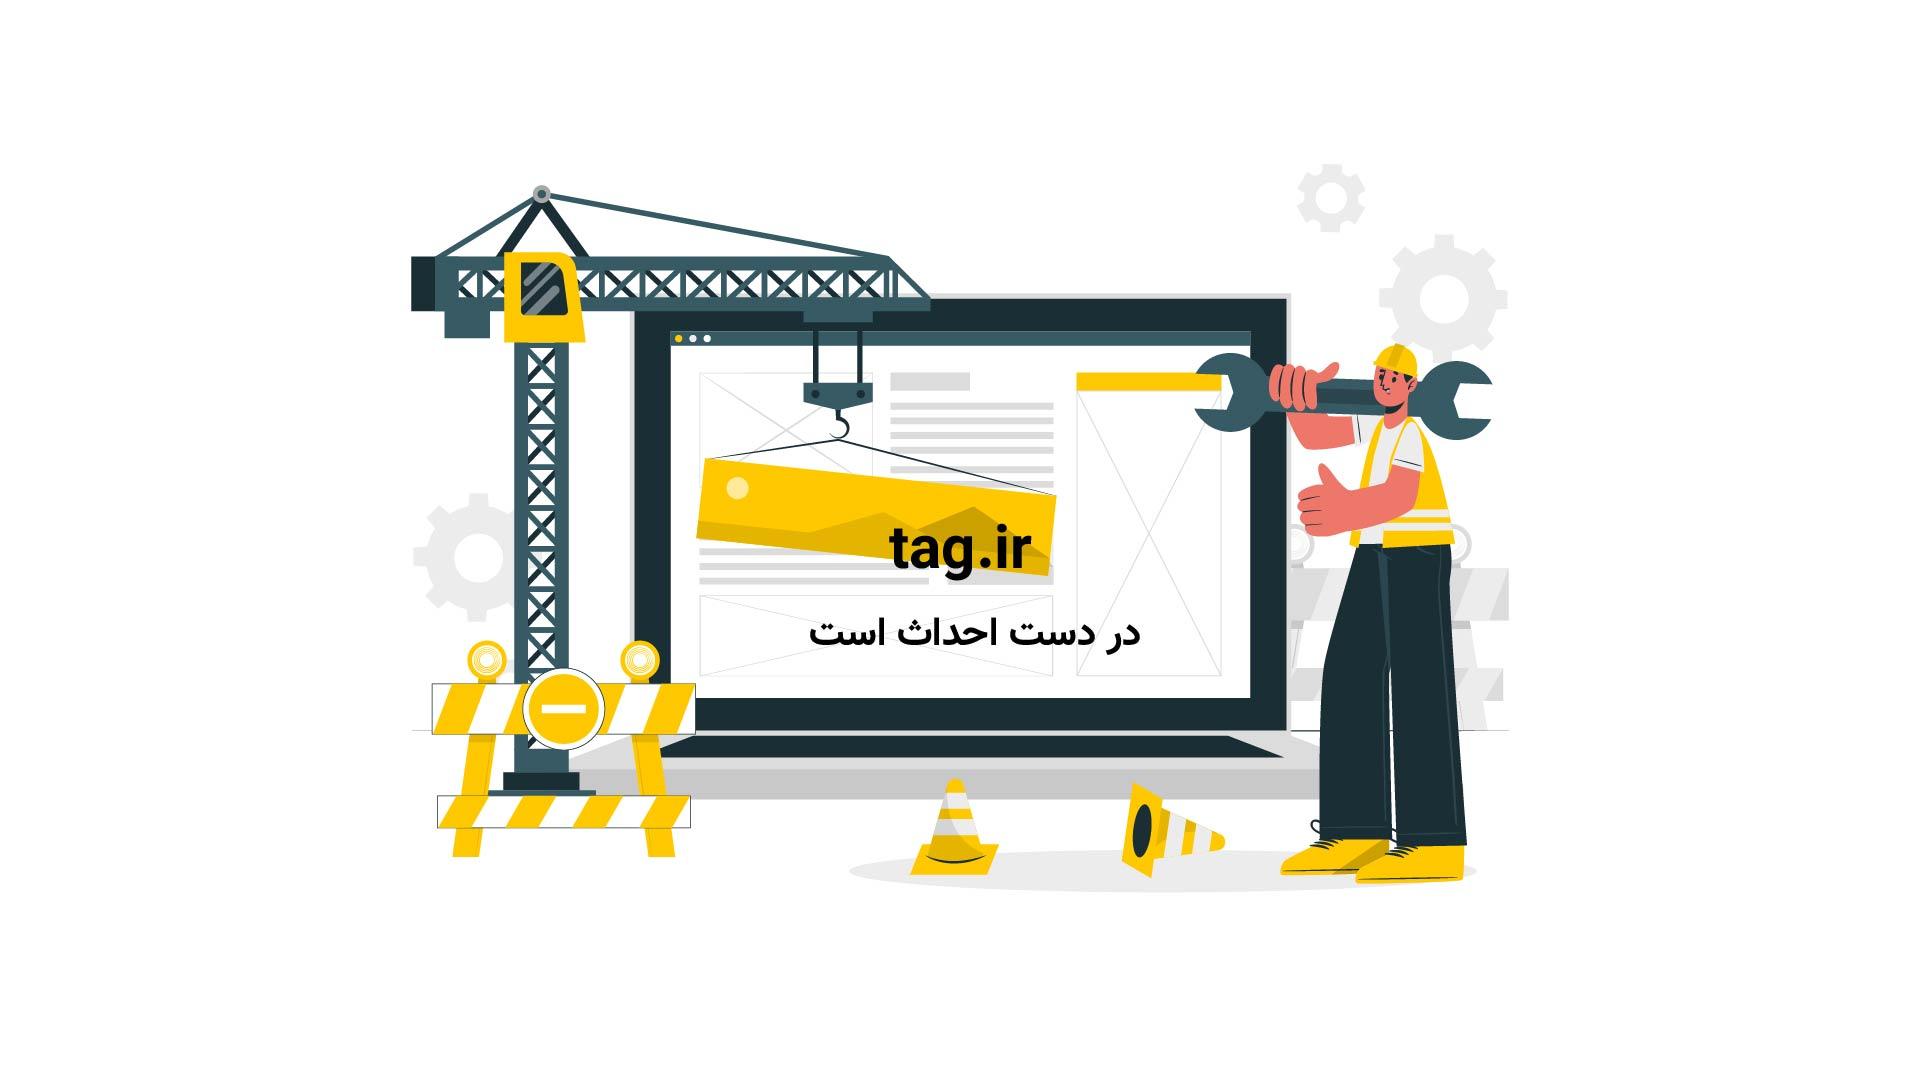 واژگونی اتوبوس   تگ